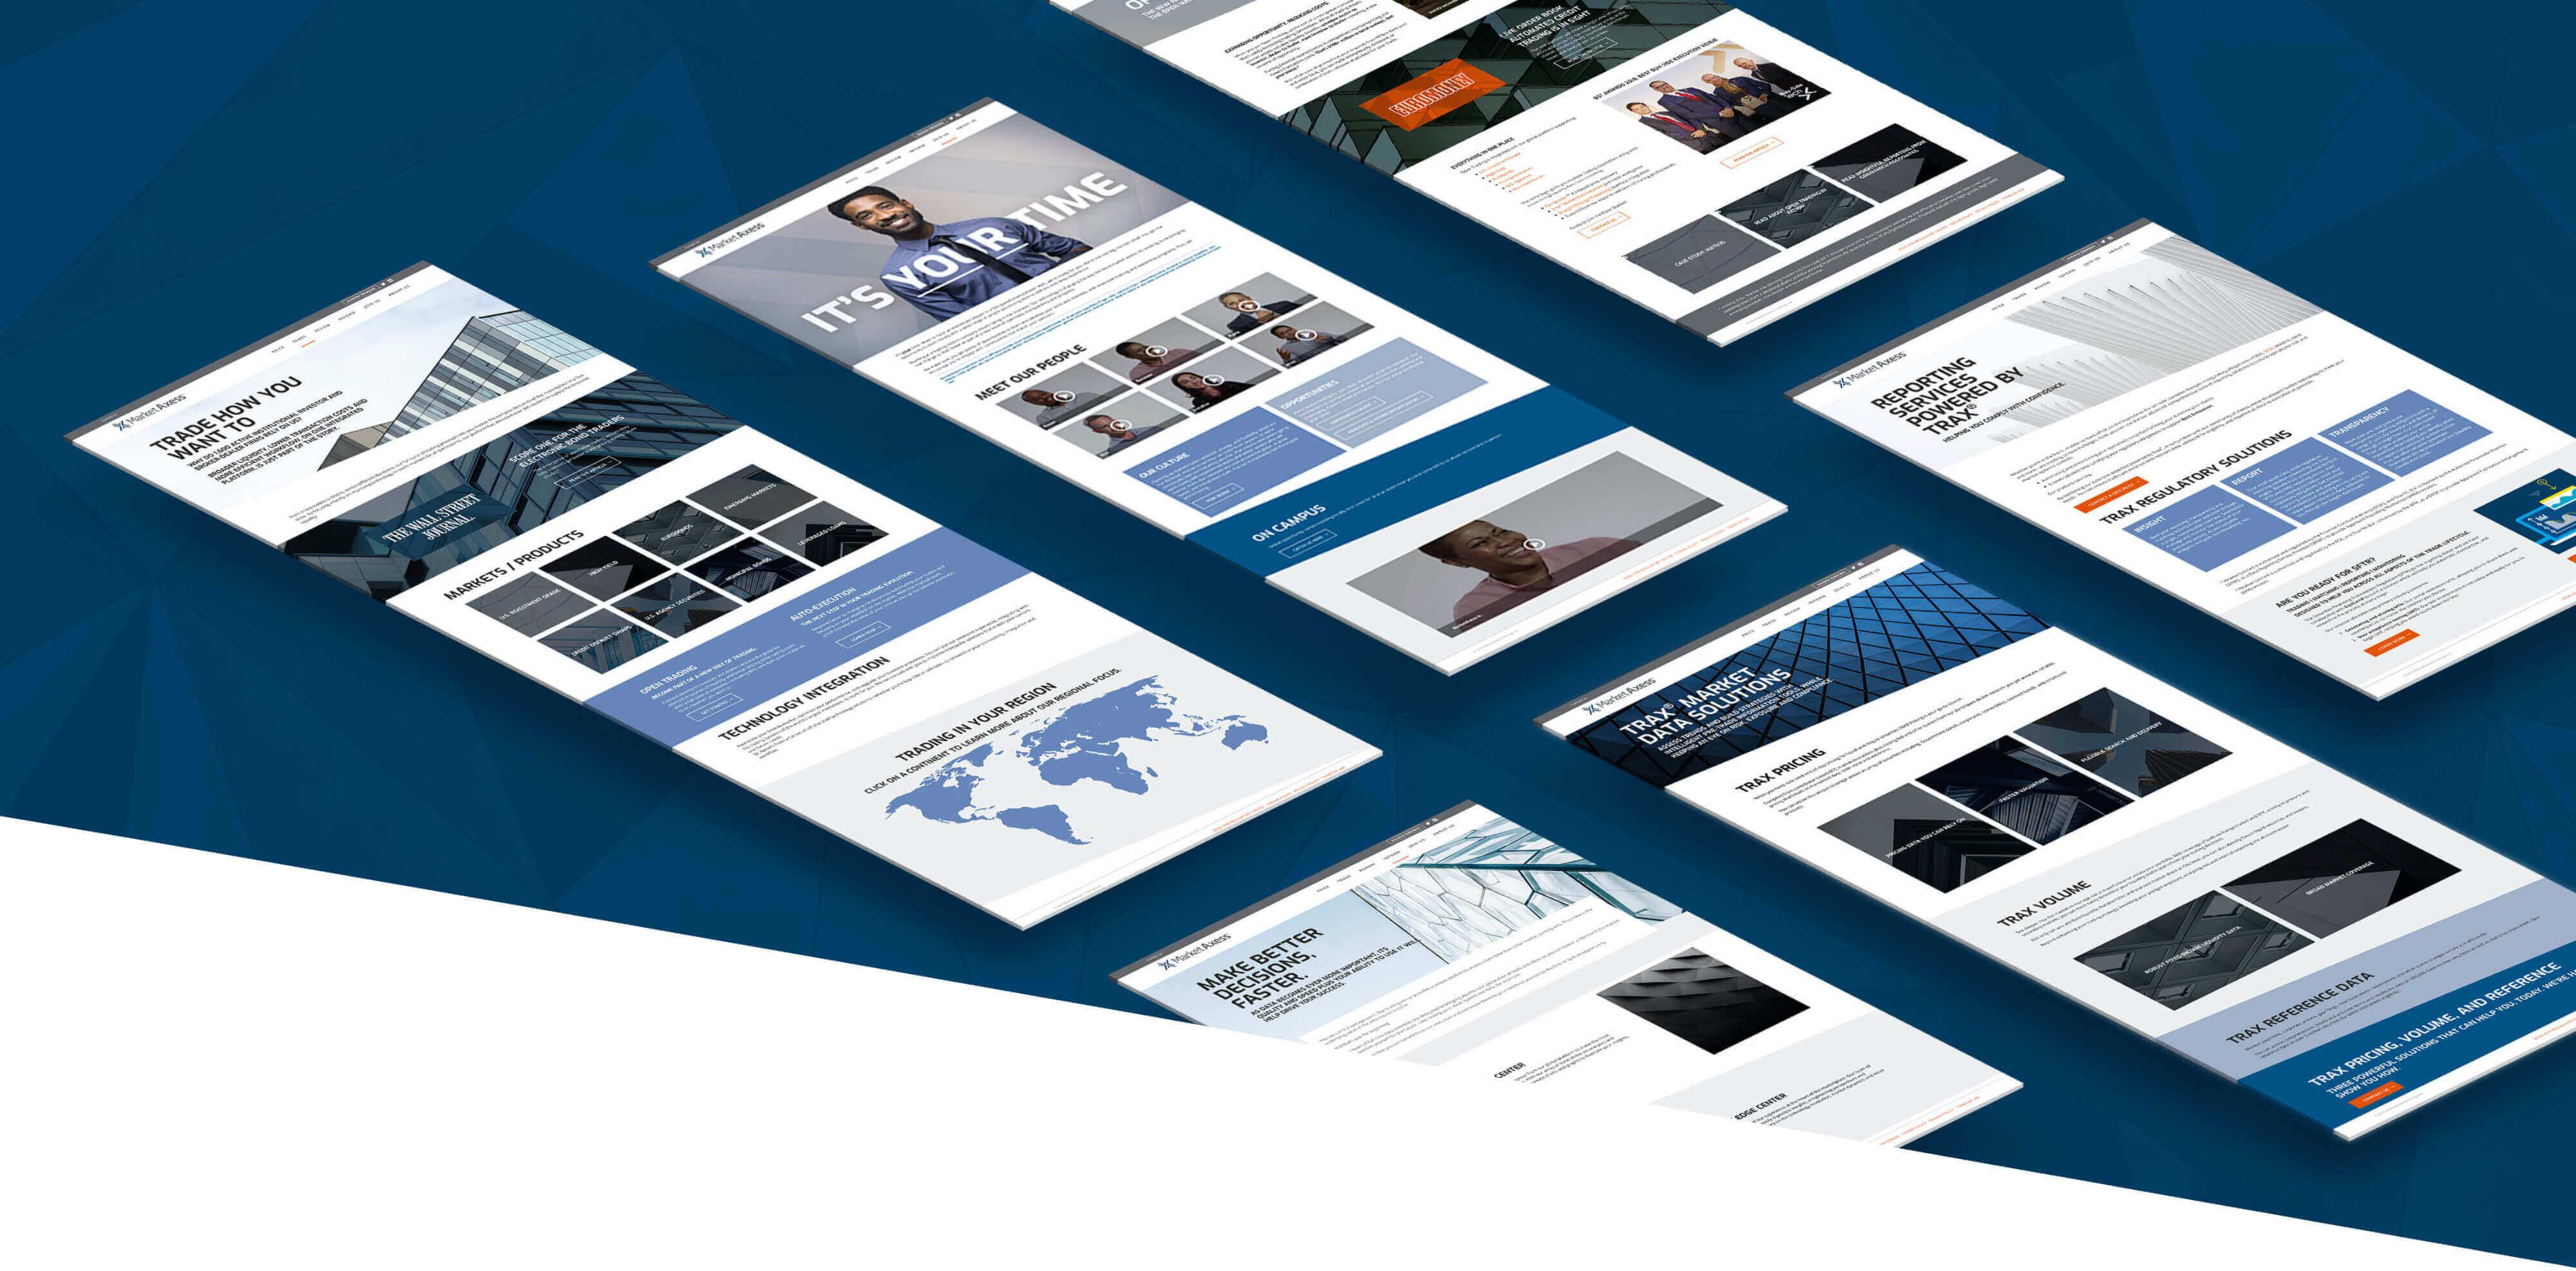 flat website comps of the MarketAxess website